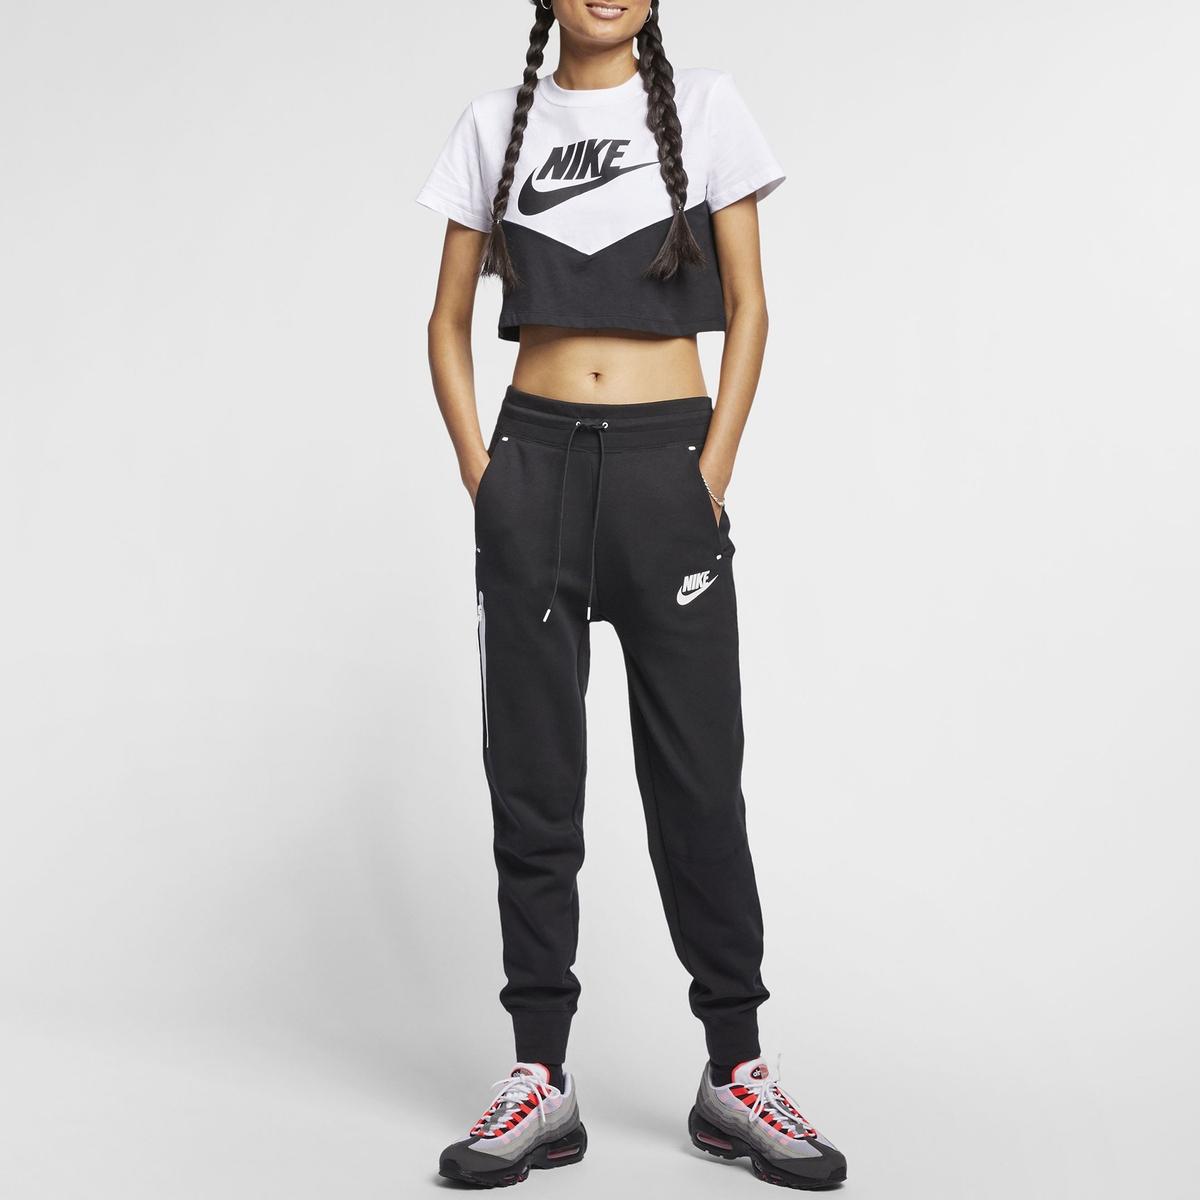 Imagen principal de producto de Camiseta Sportswear AR2513-010 - Nike